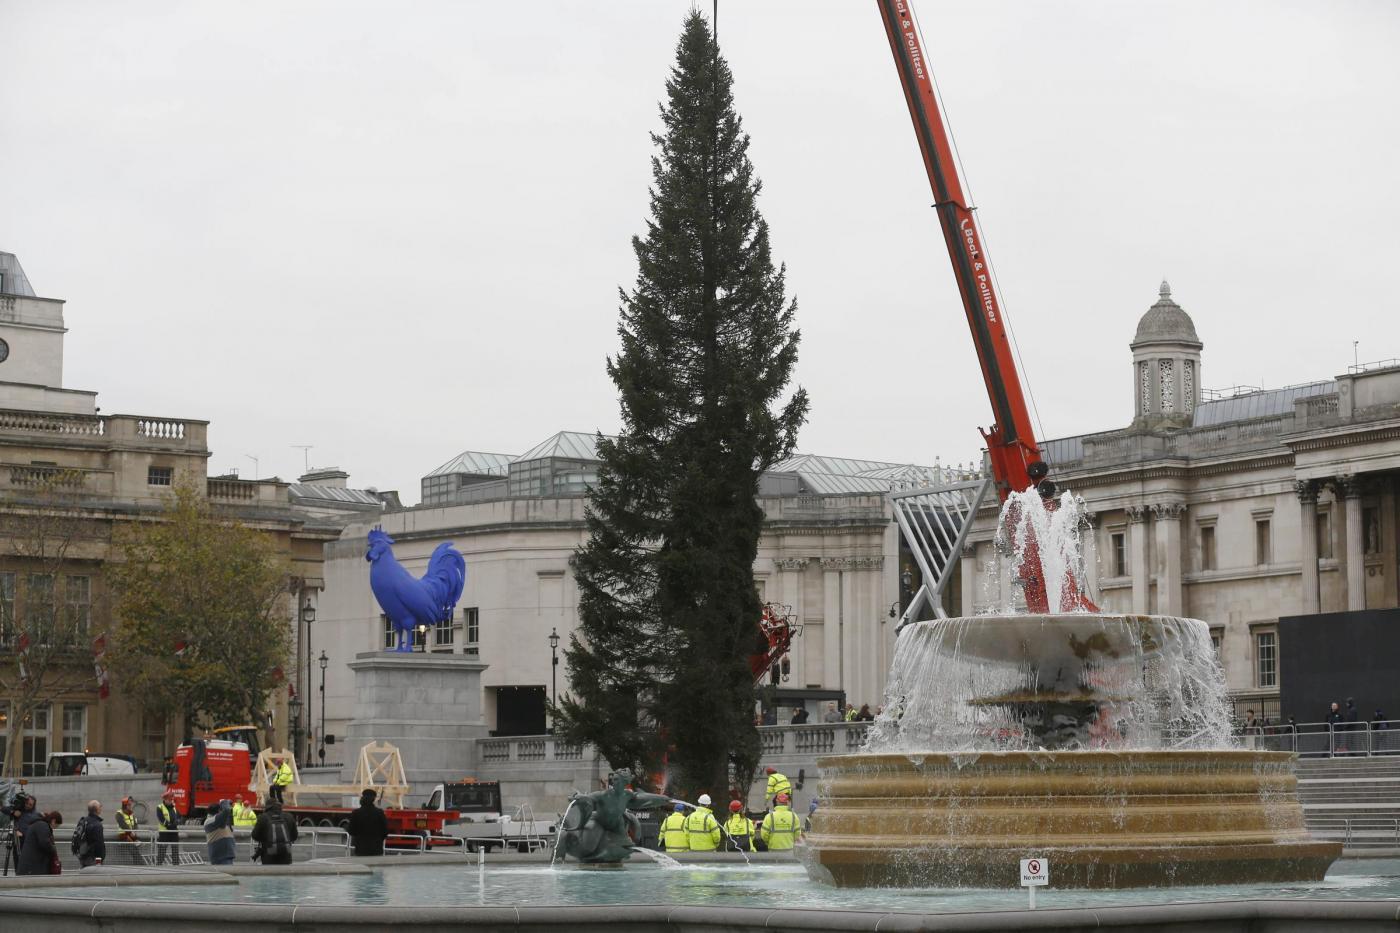 Londra, l'albero di Natale di Trafalgar Square03